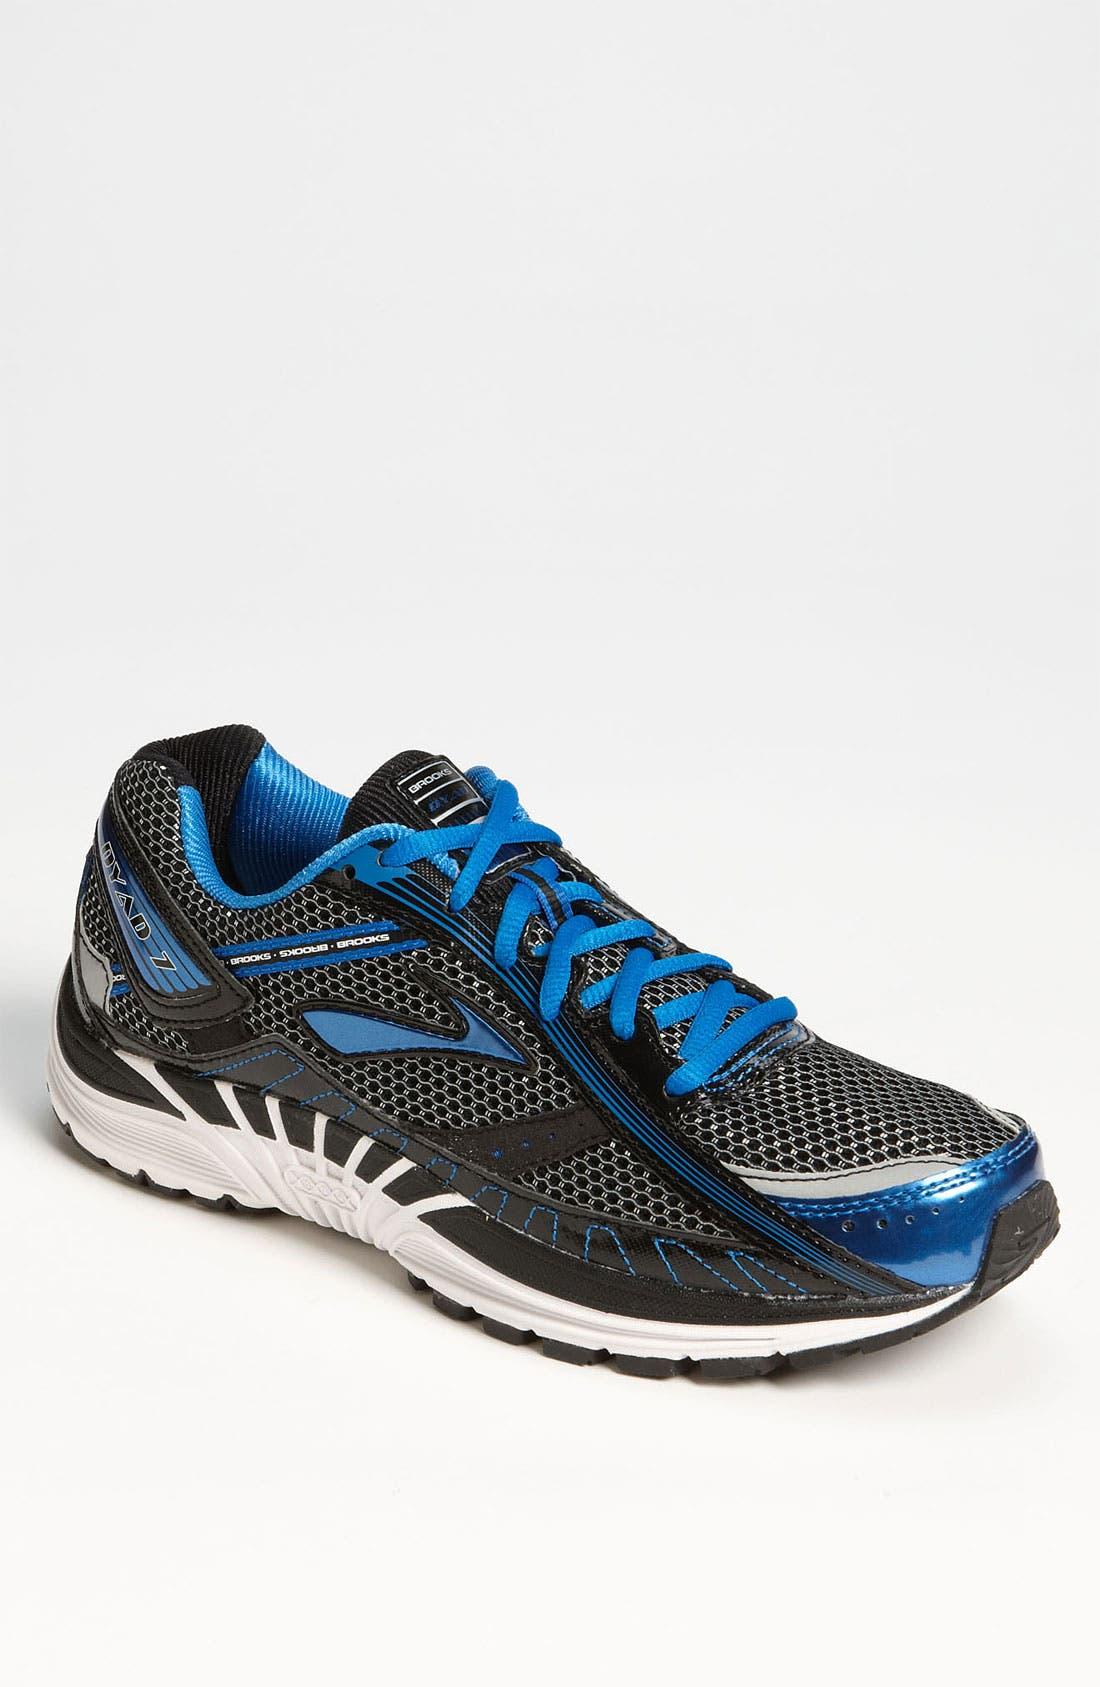 Main Image - Brooks 'DYAD 7' Running Shoe (Men)